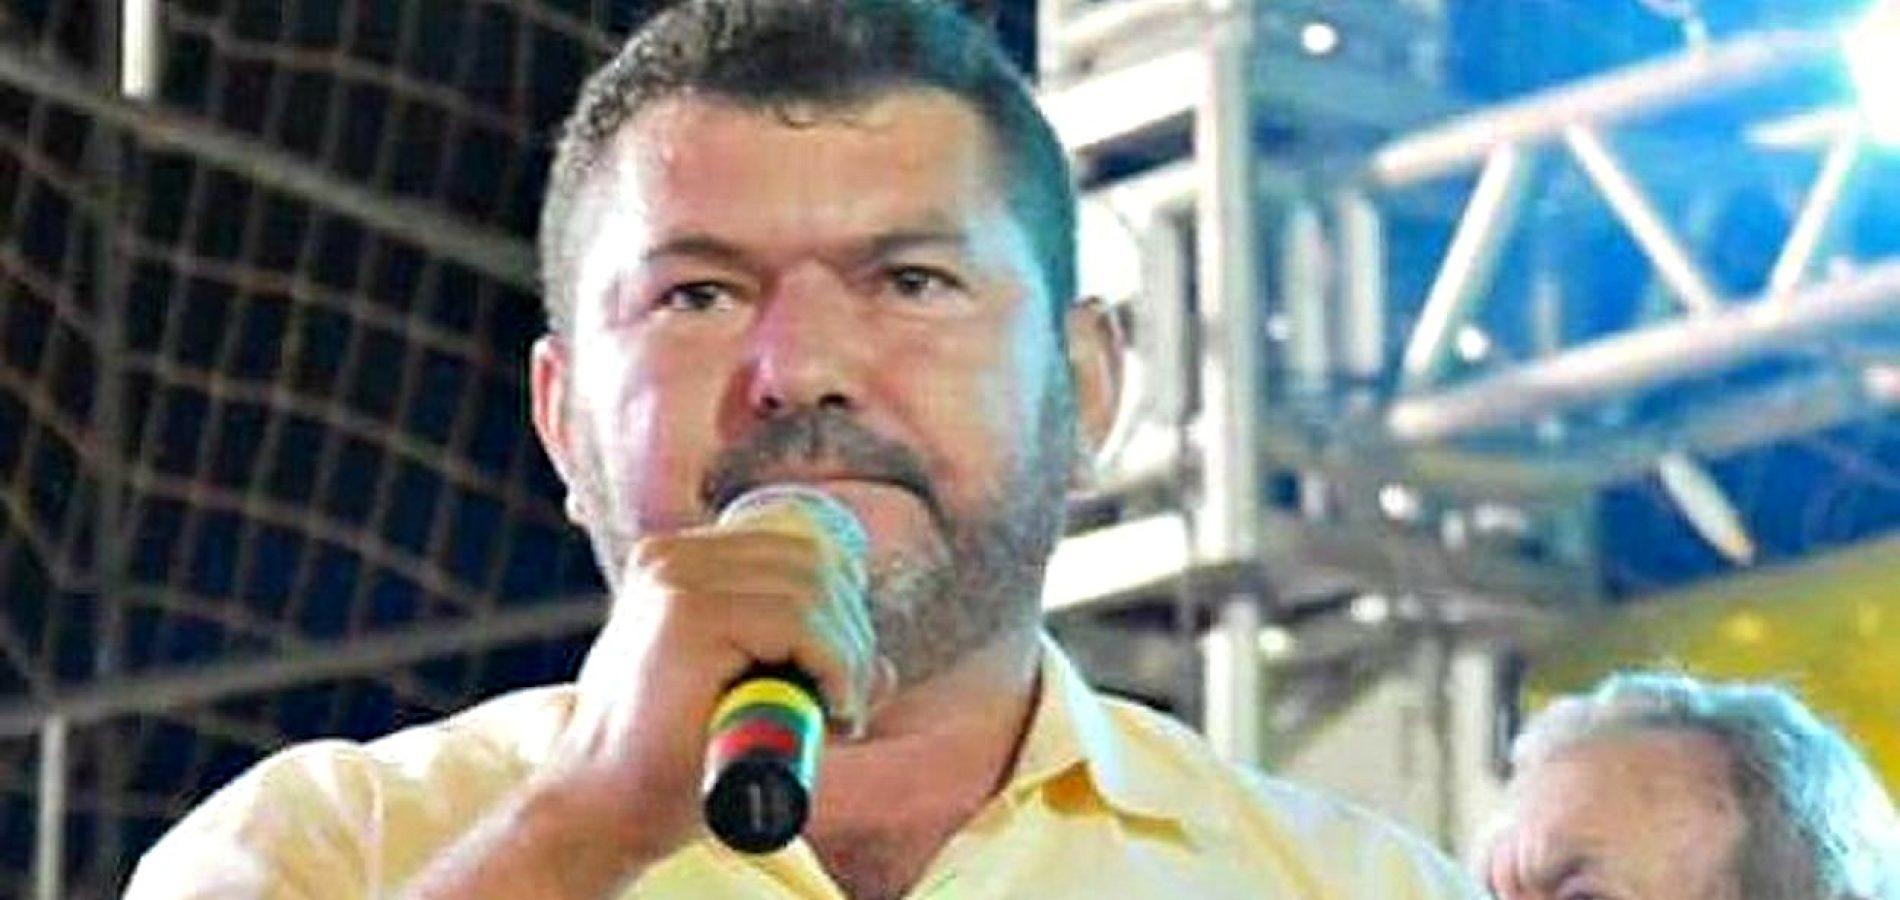 Vereador eleito morre durante cerimônia de posse em Ipubi, PE